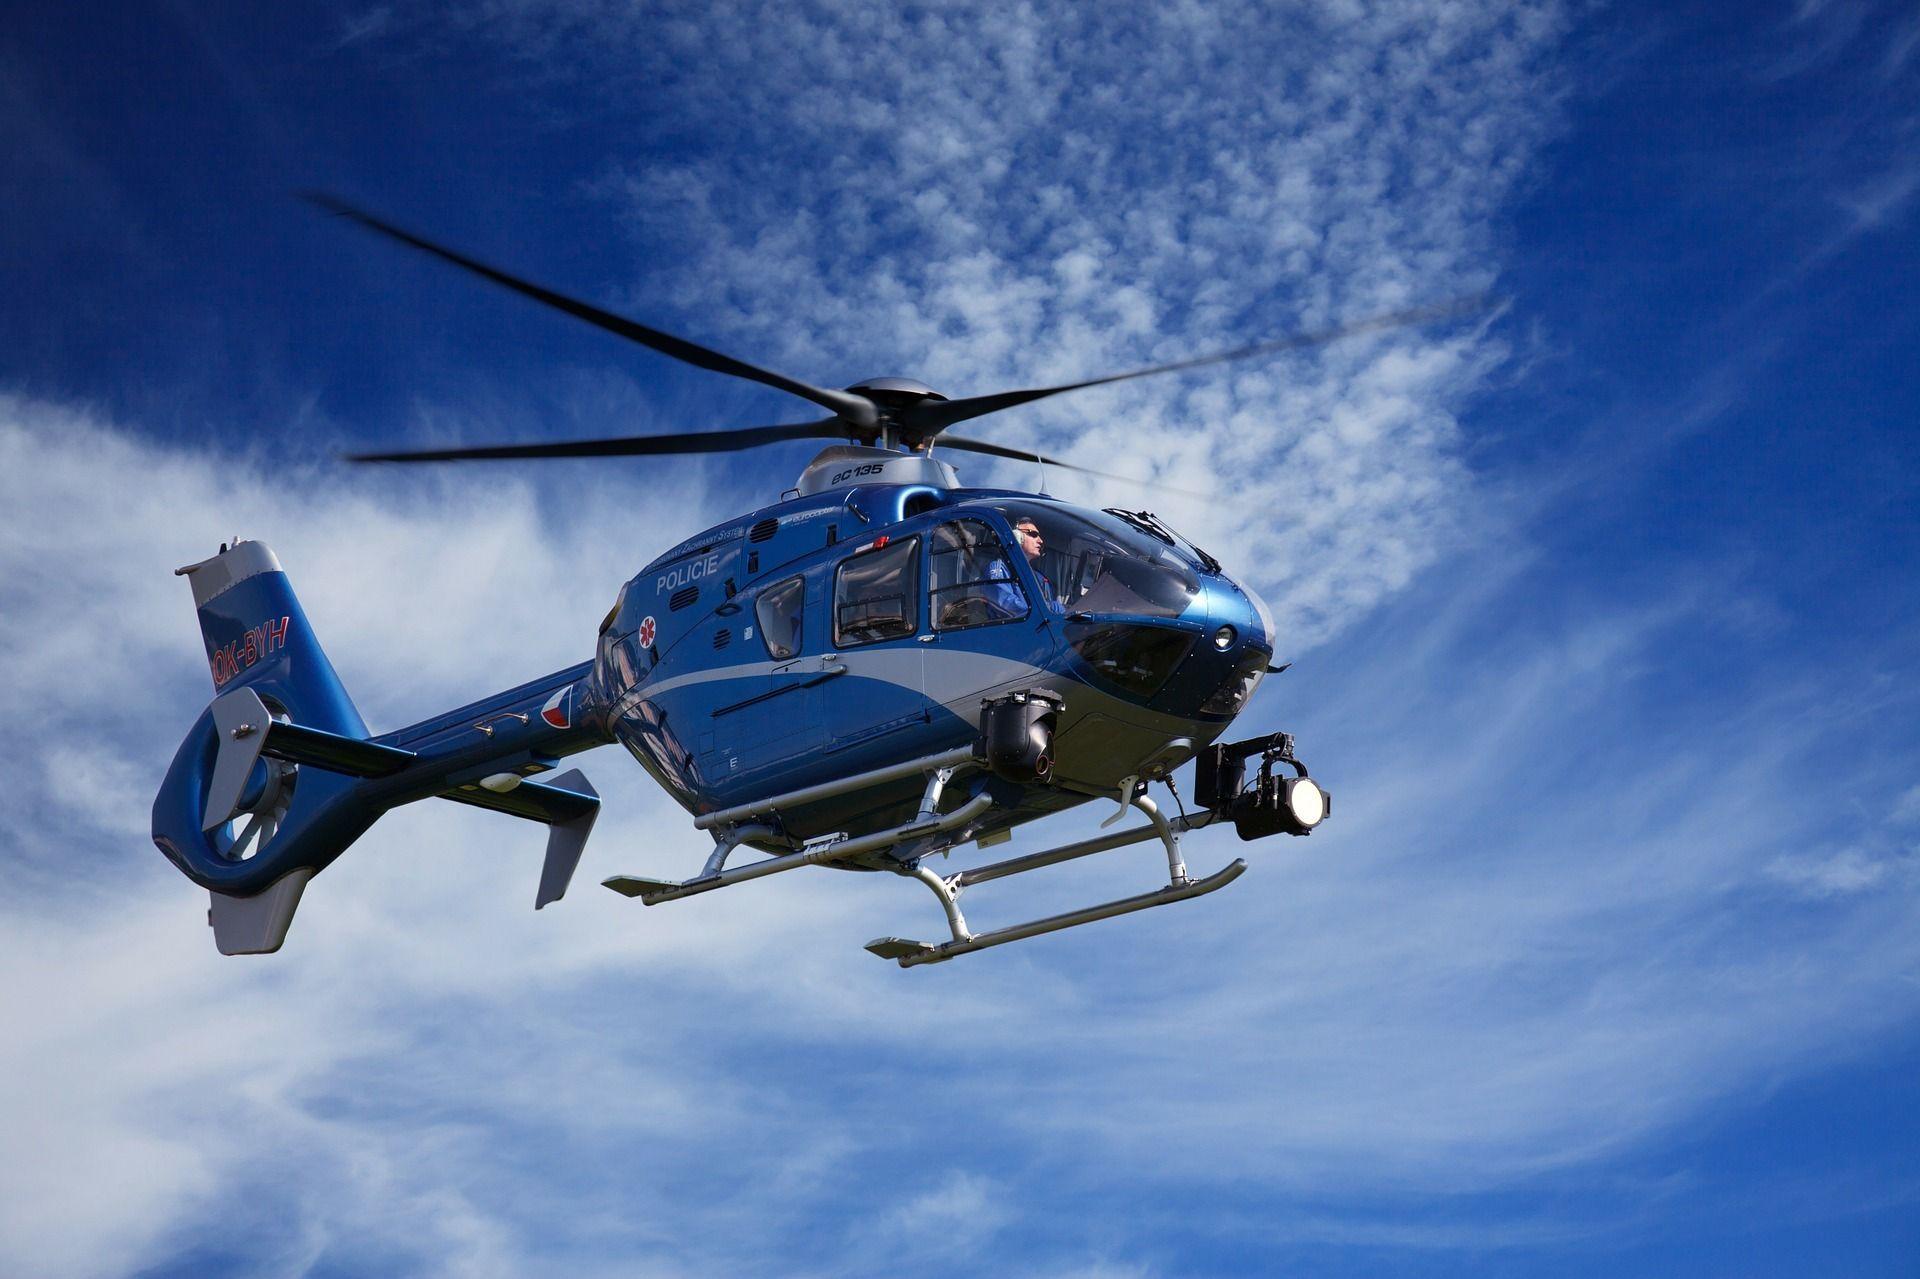 Atase Pertahanan KBRI Yangon Terhindar Dari Maut Kecelakaan Helikopter di Myanmar